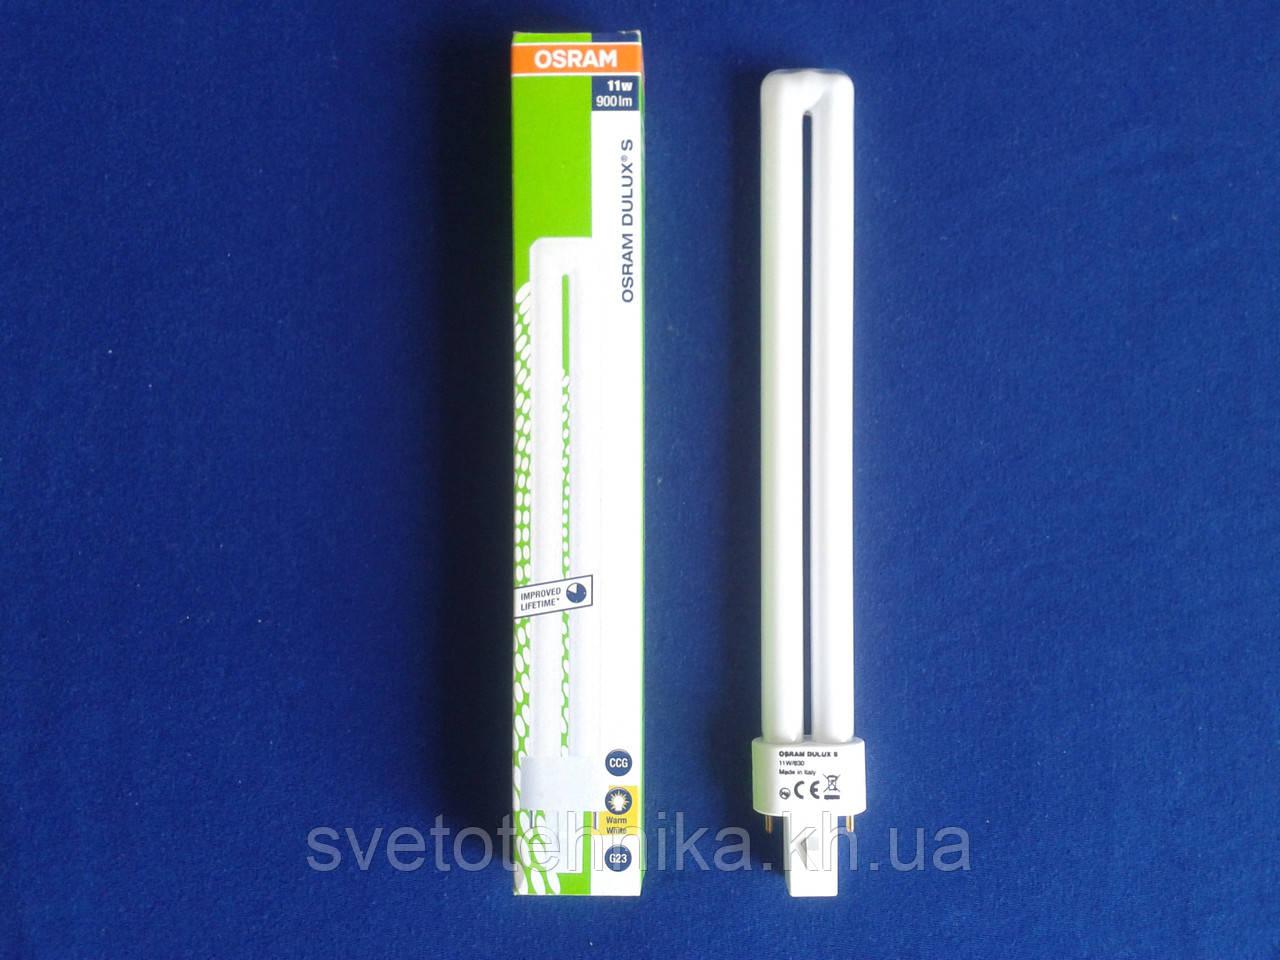 Лампа энергосберегающая Osram PL11/830 Dulux G23 11Вт 900lm